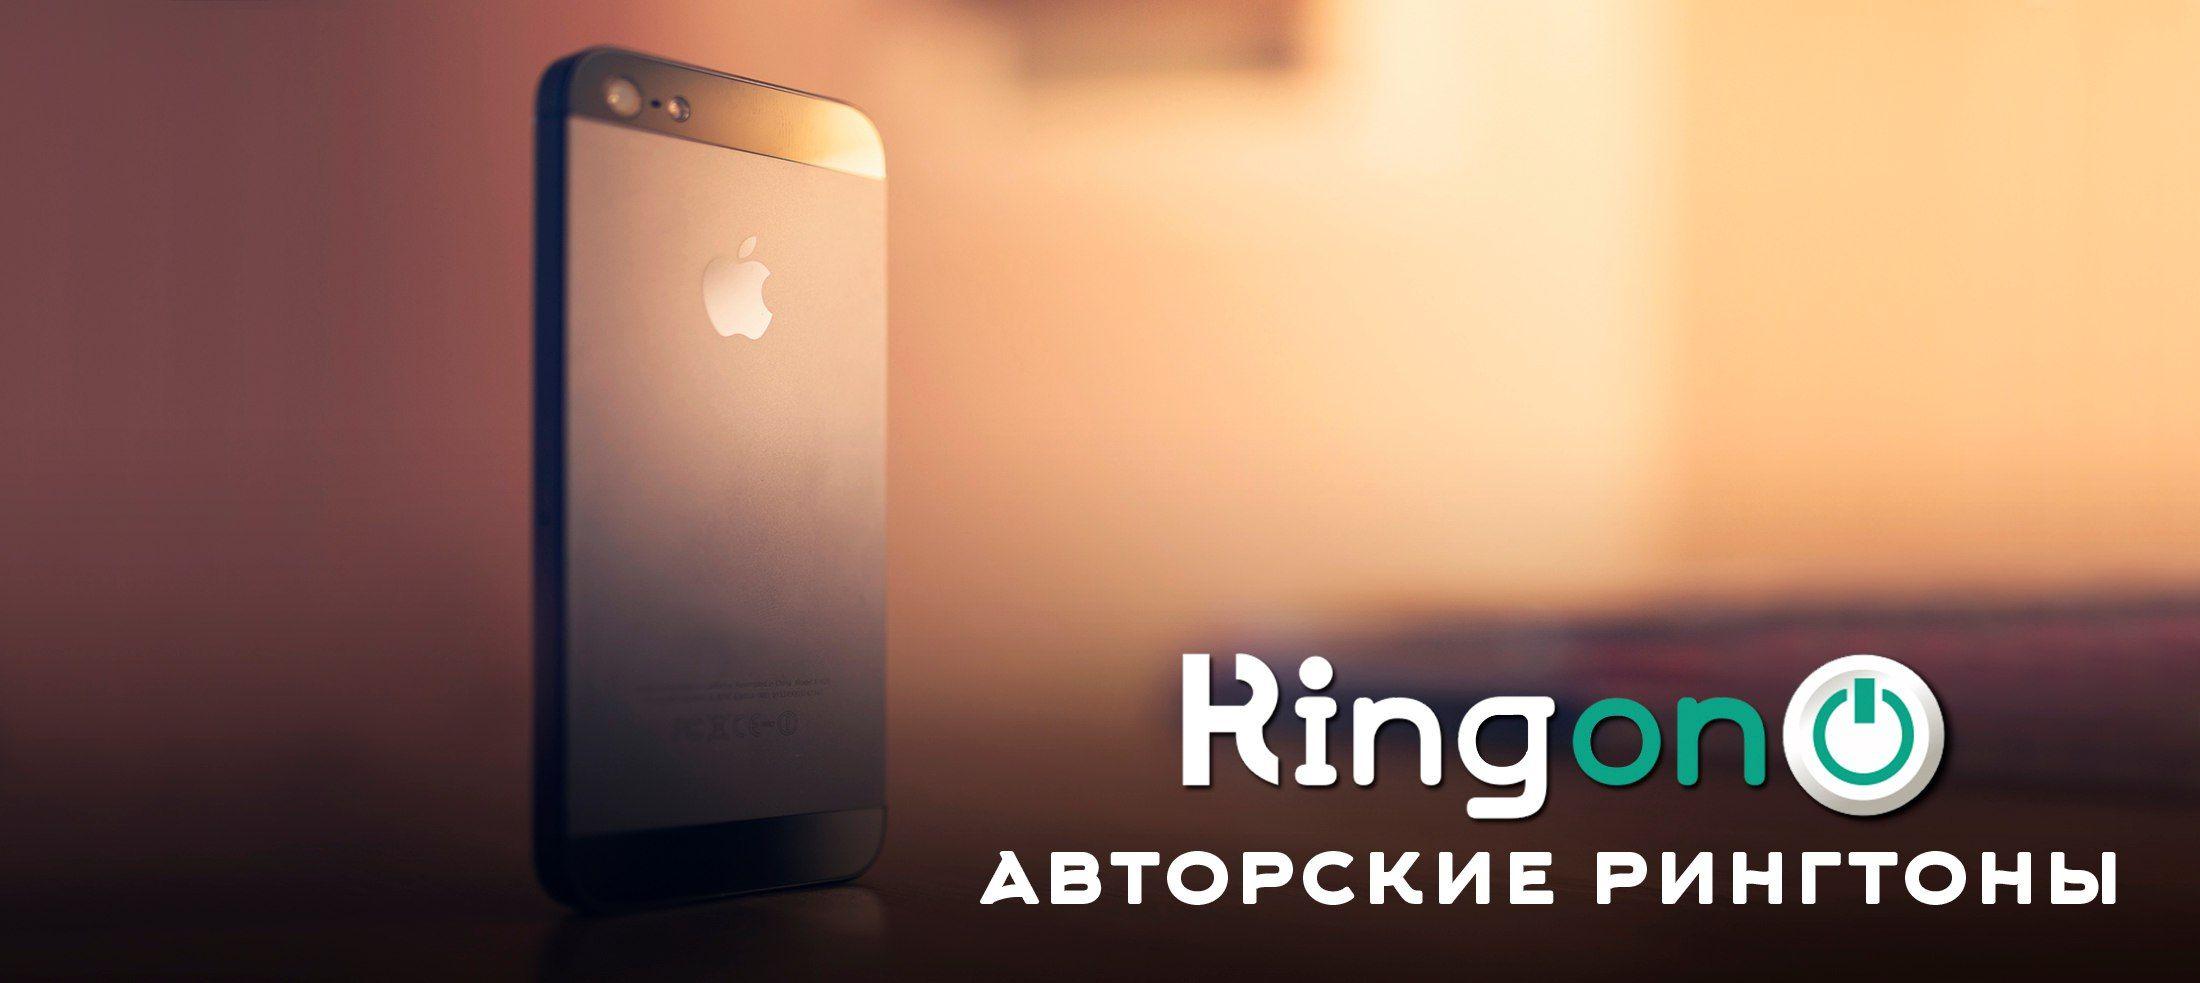 Скачать бесплатно рингтоны на телефон без регистрации | sms-mms.